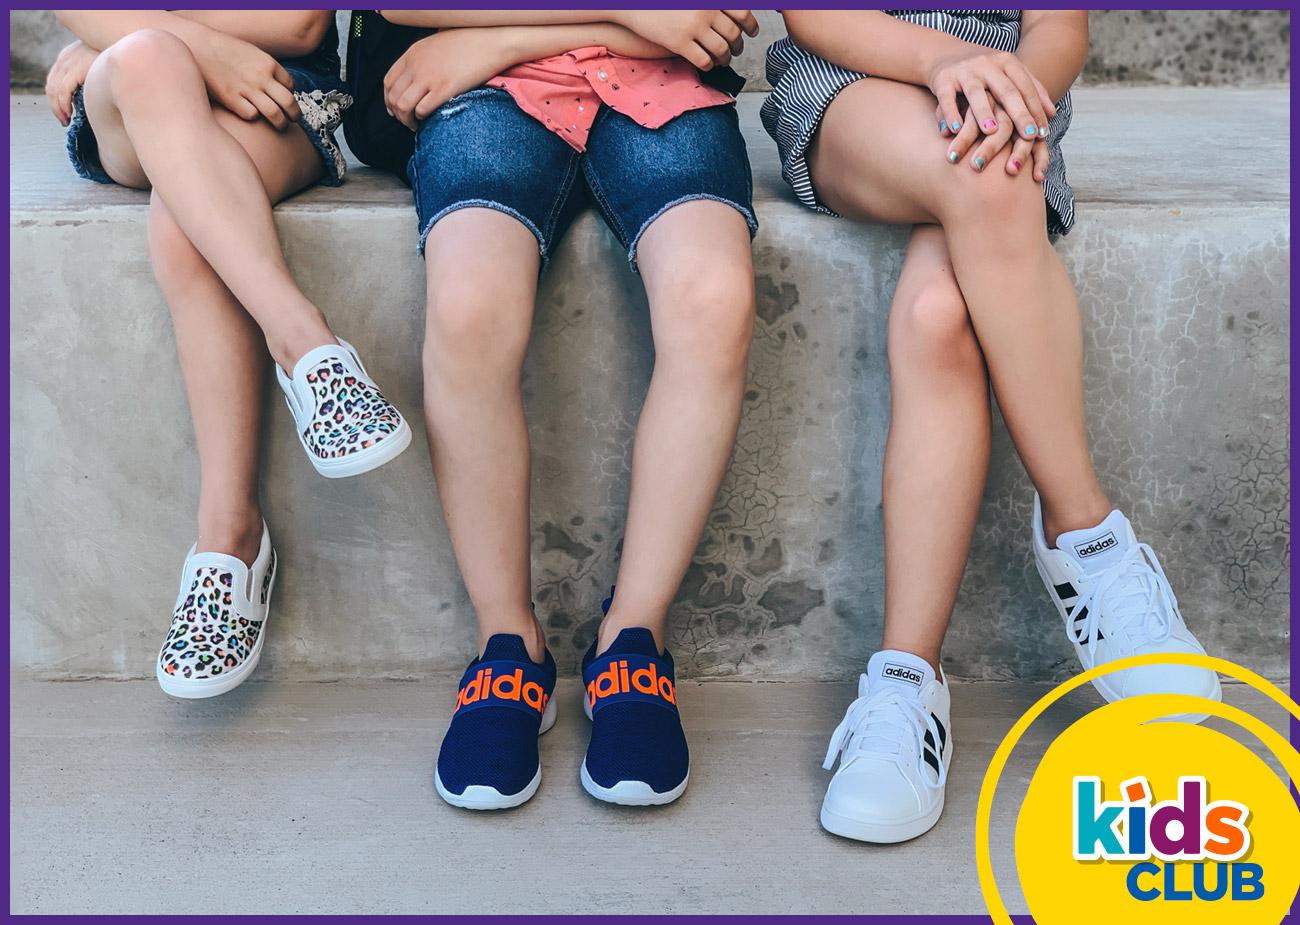 kids club kids in fun cool sandals